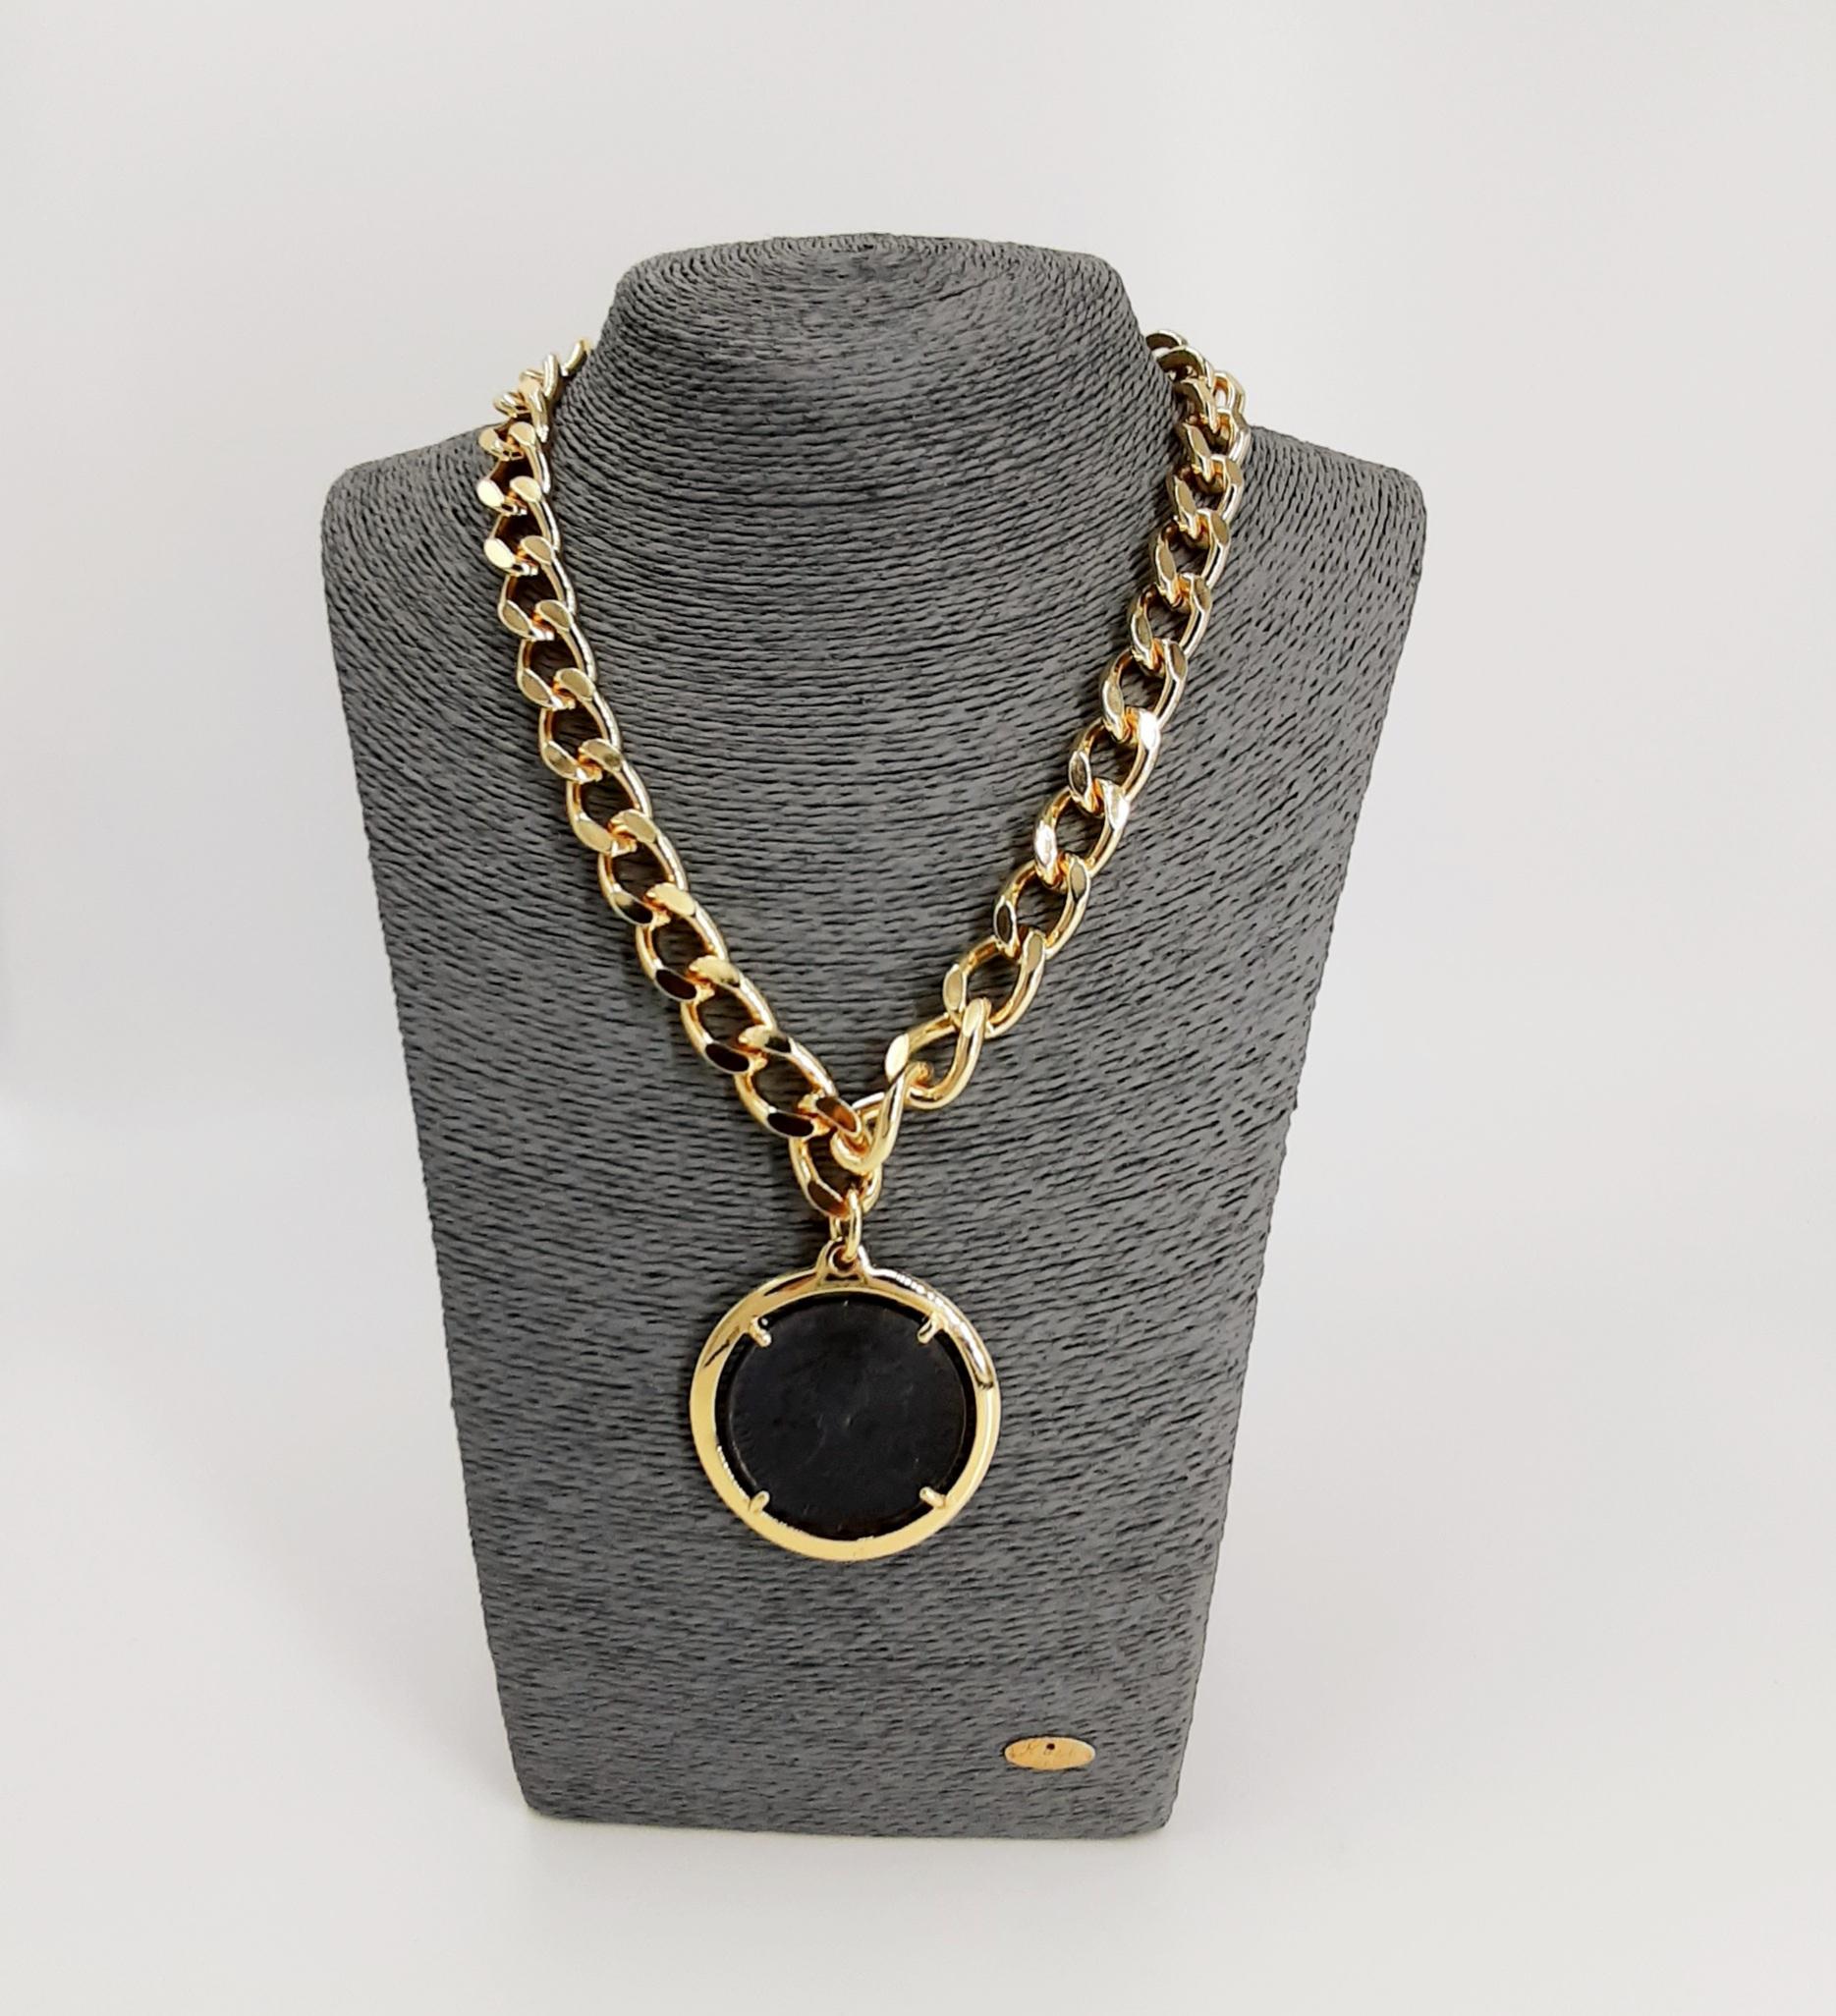 Collana a catena ciondolo moneta placcata oro Francesca Bianchi Design.